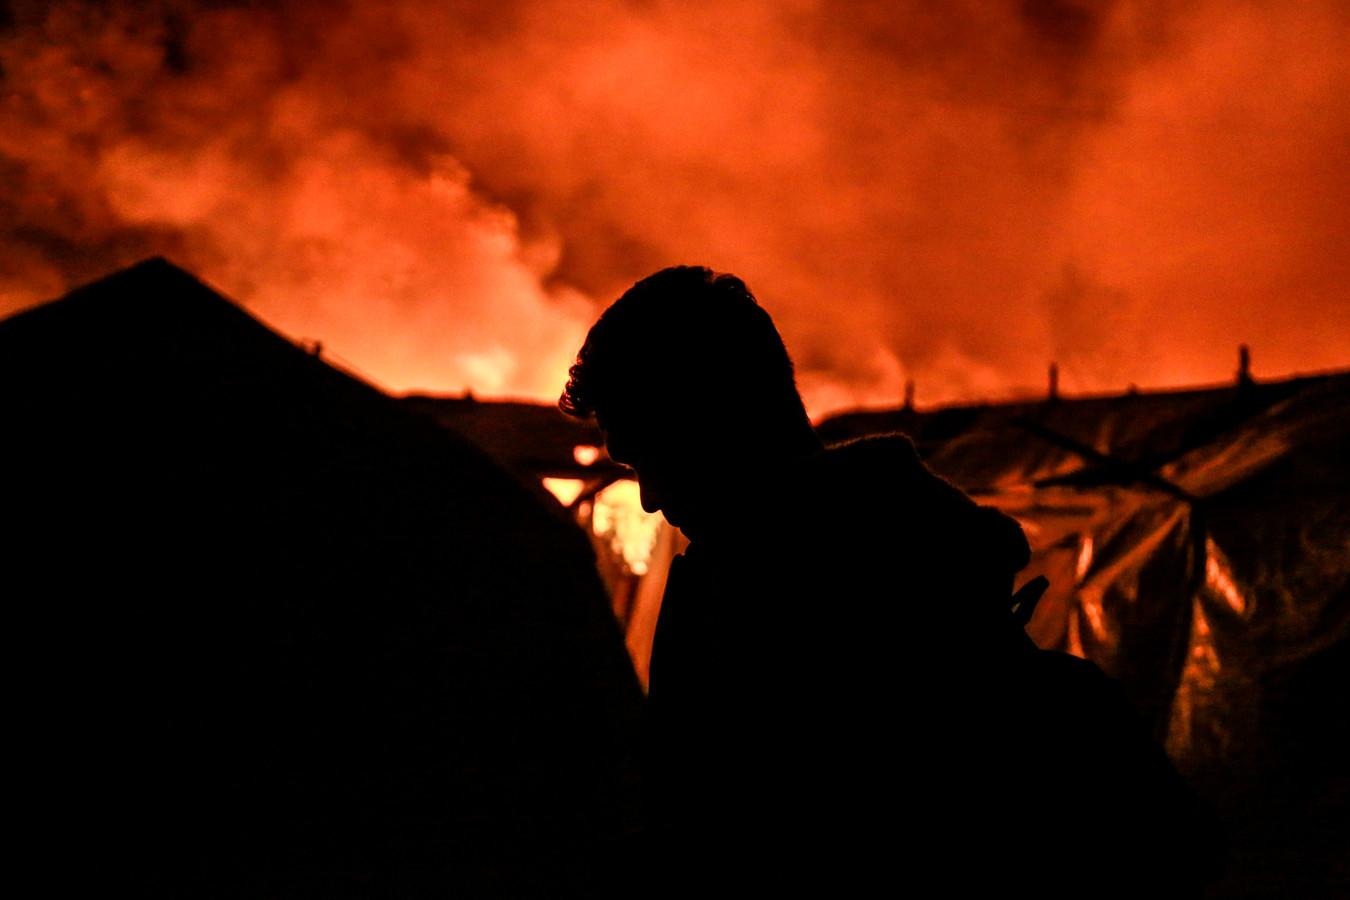 Een migrant staat naast een tent, terwijl op de achtergrond de vlammen en rook de lucht vullen.